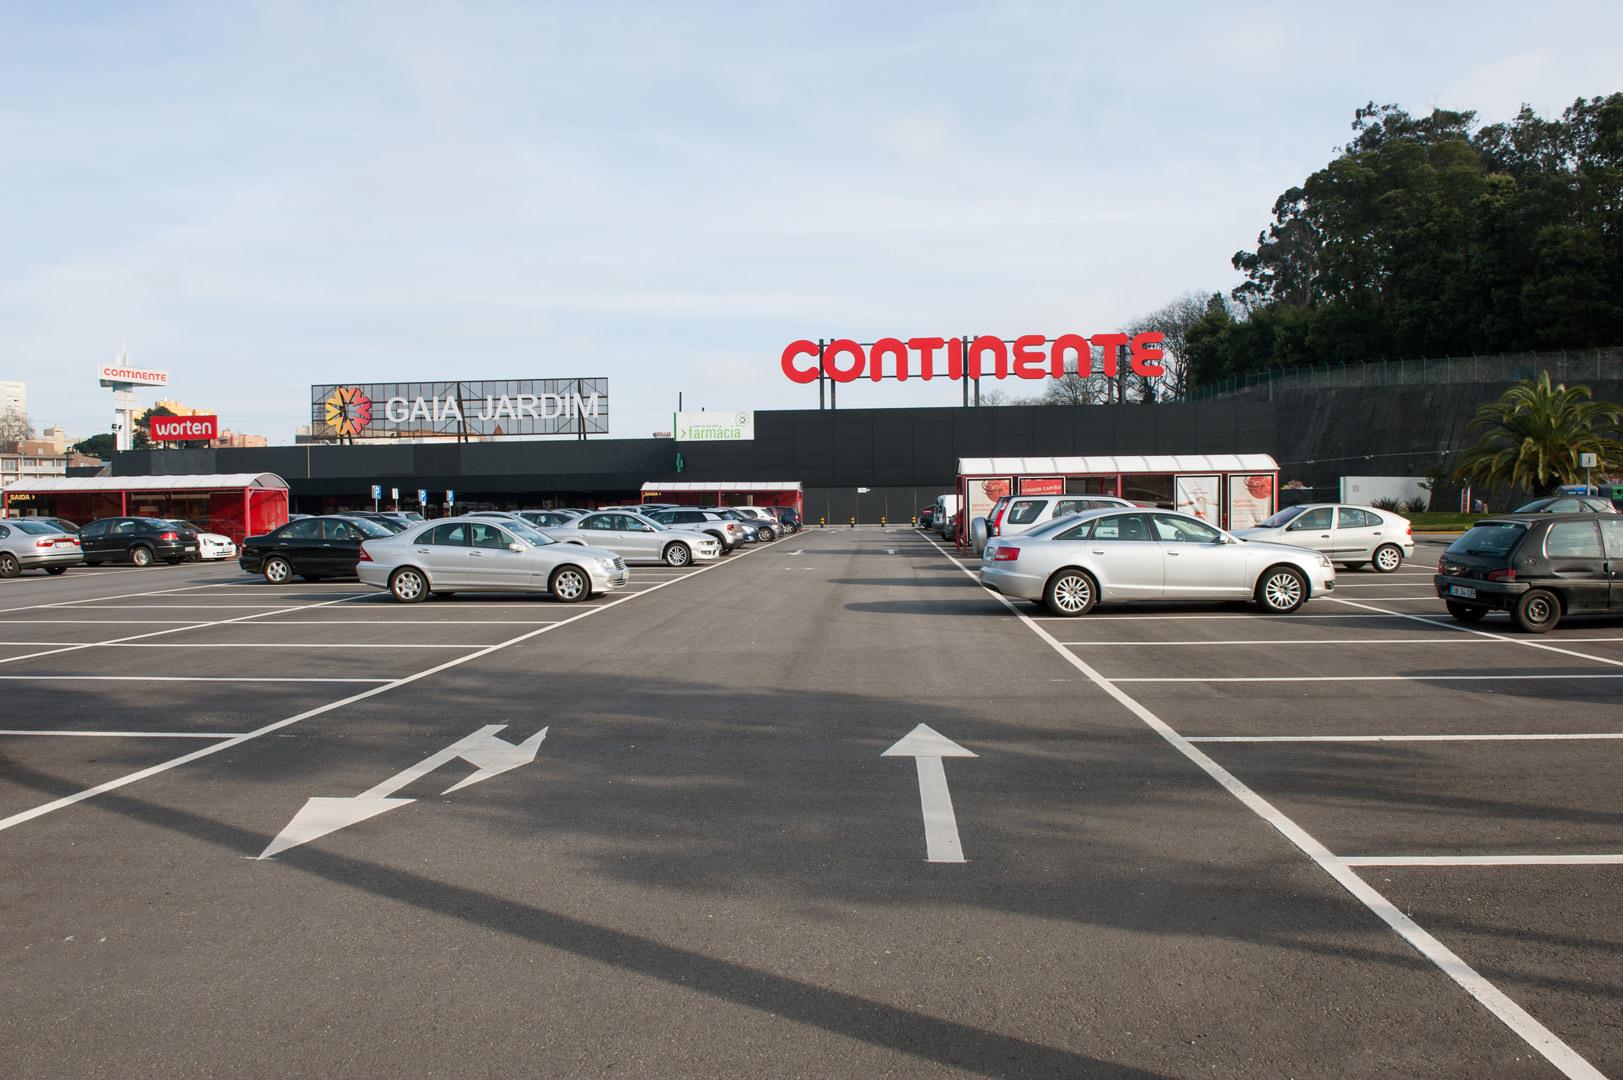 Resurfacing of Gaia Jardim Hypermarket